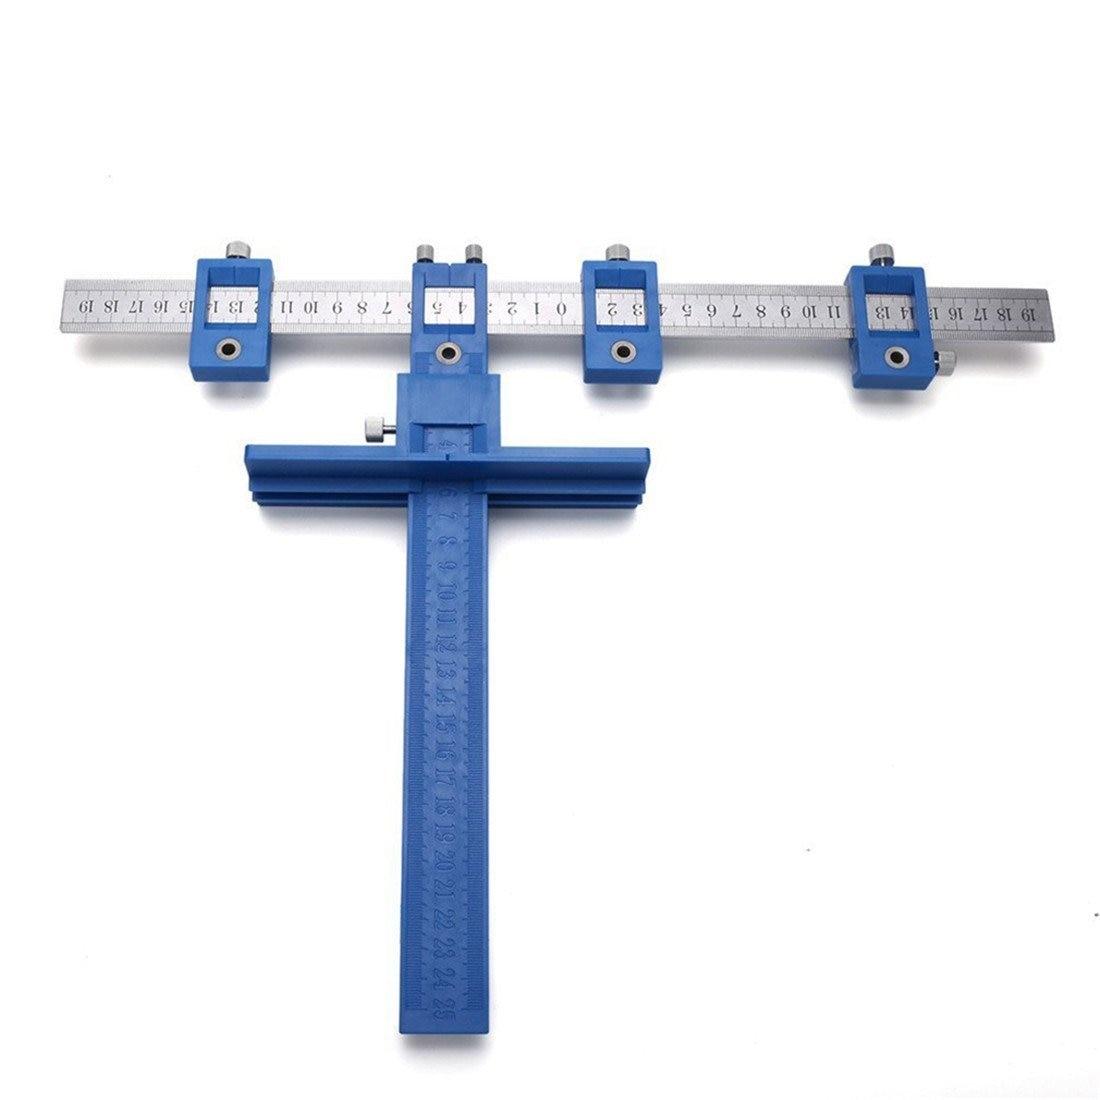 Hardware de gabinete de plantilla verdad herramienta posición más rápido y más preciso mando tirar y plantilla de perforación en madera Dowelling agujero vi al maestro sistema